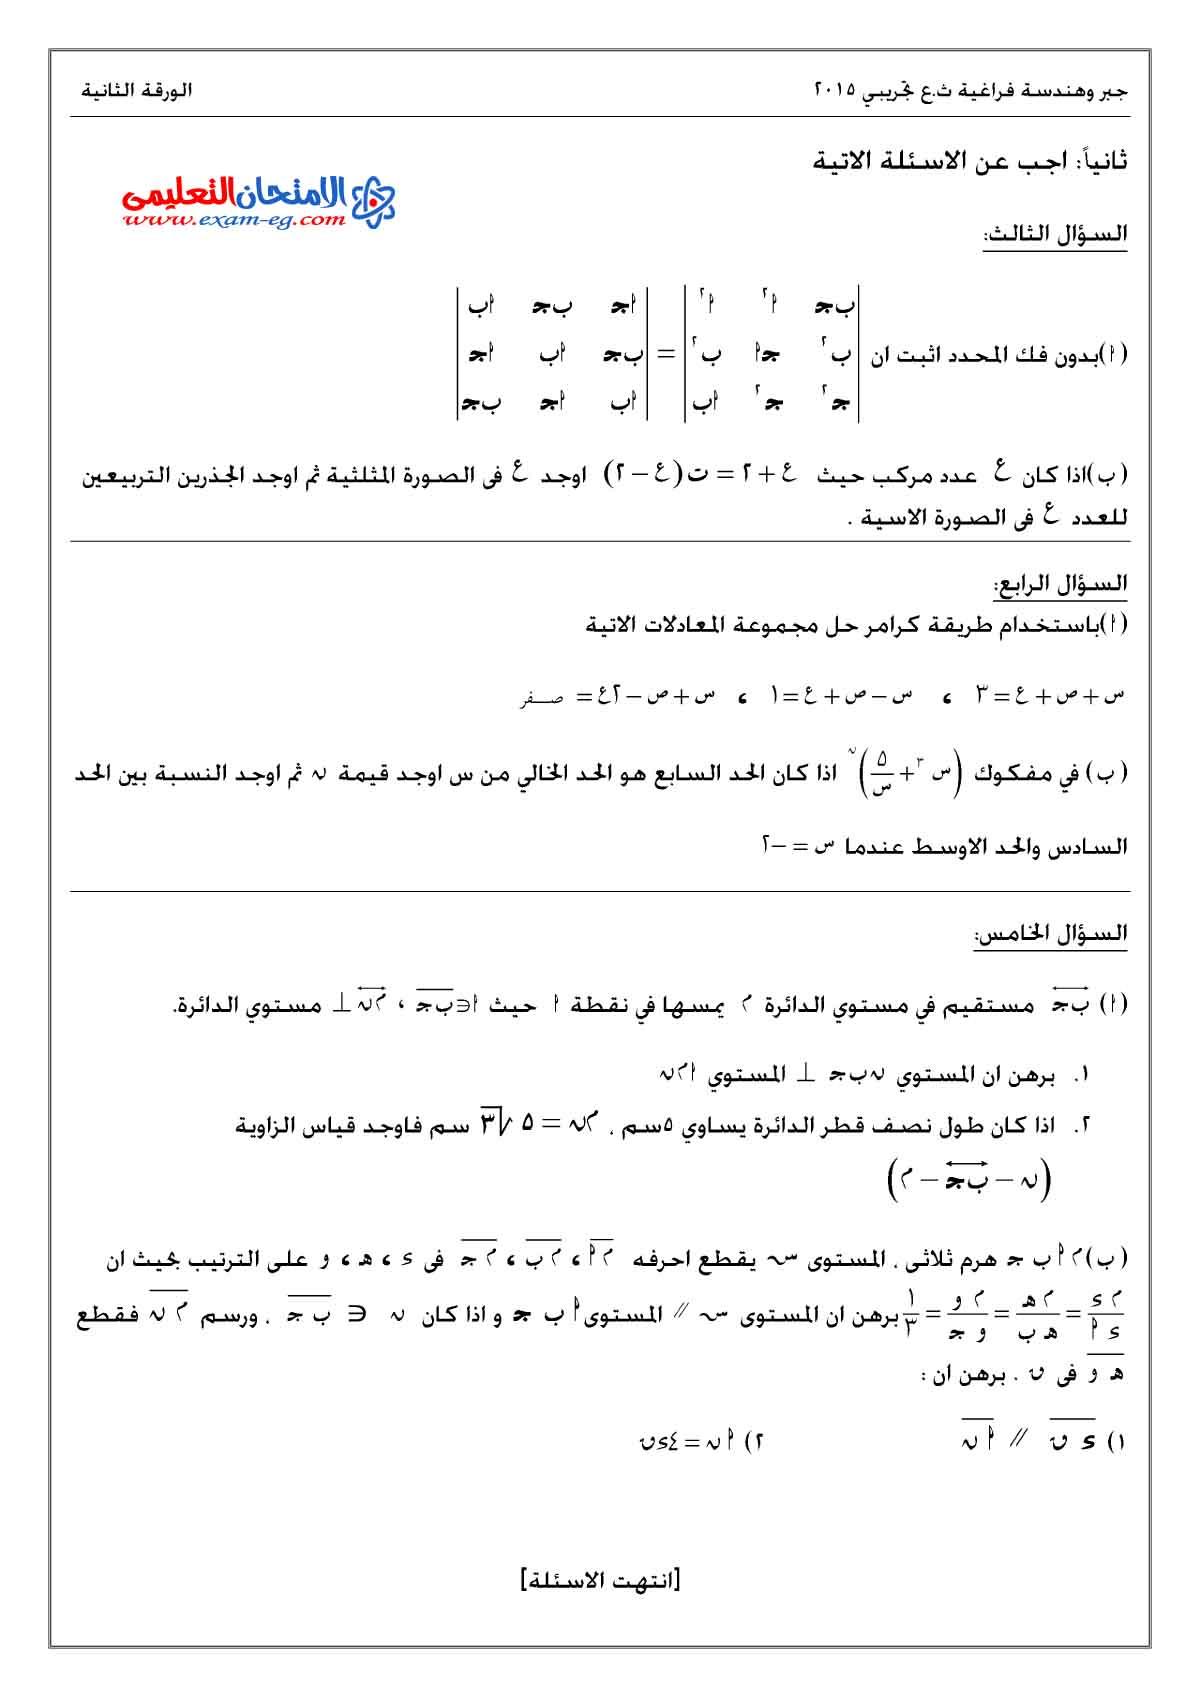 امتحان الوزارة فى الجبر والهندسة الفراغية 1